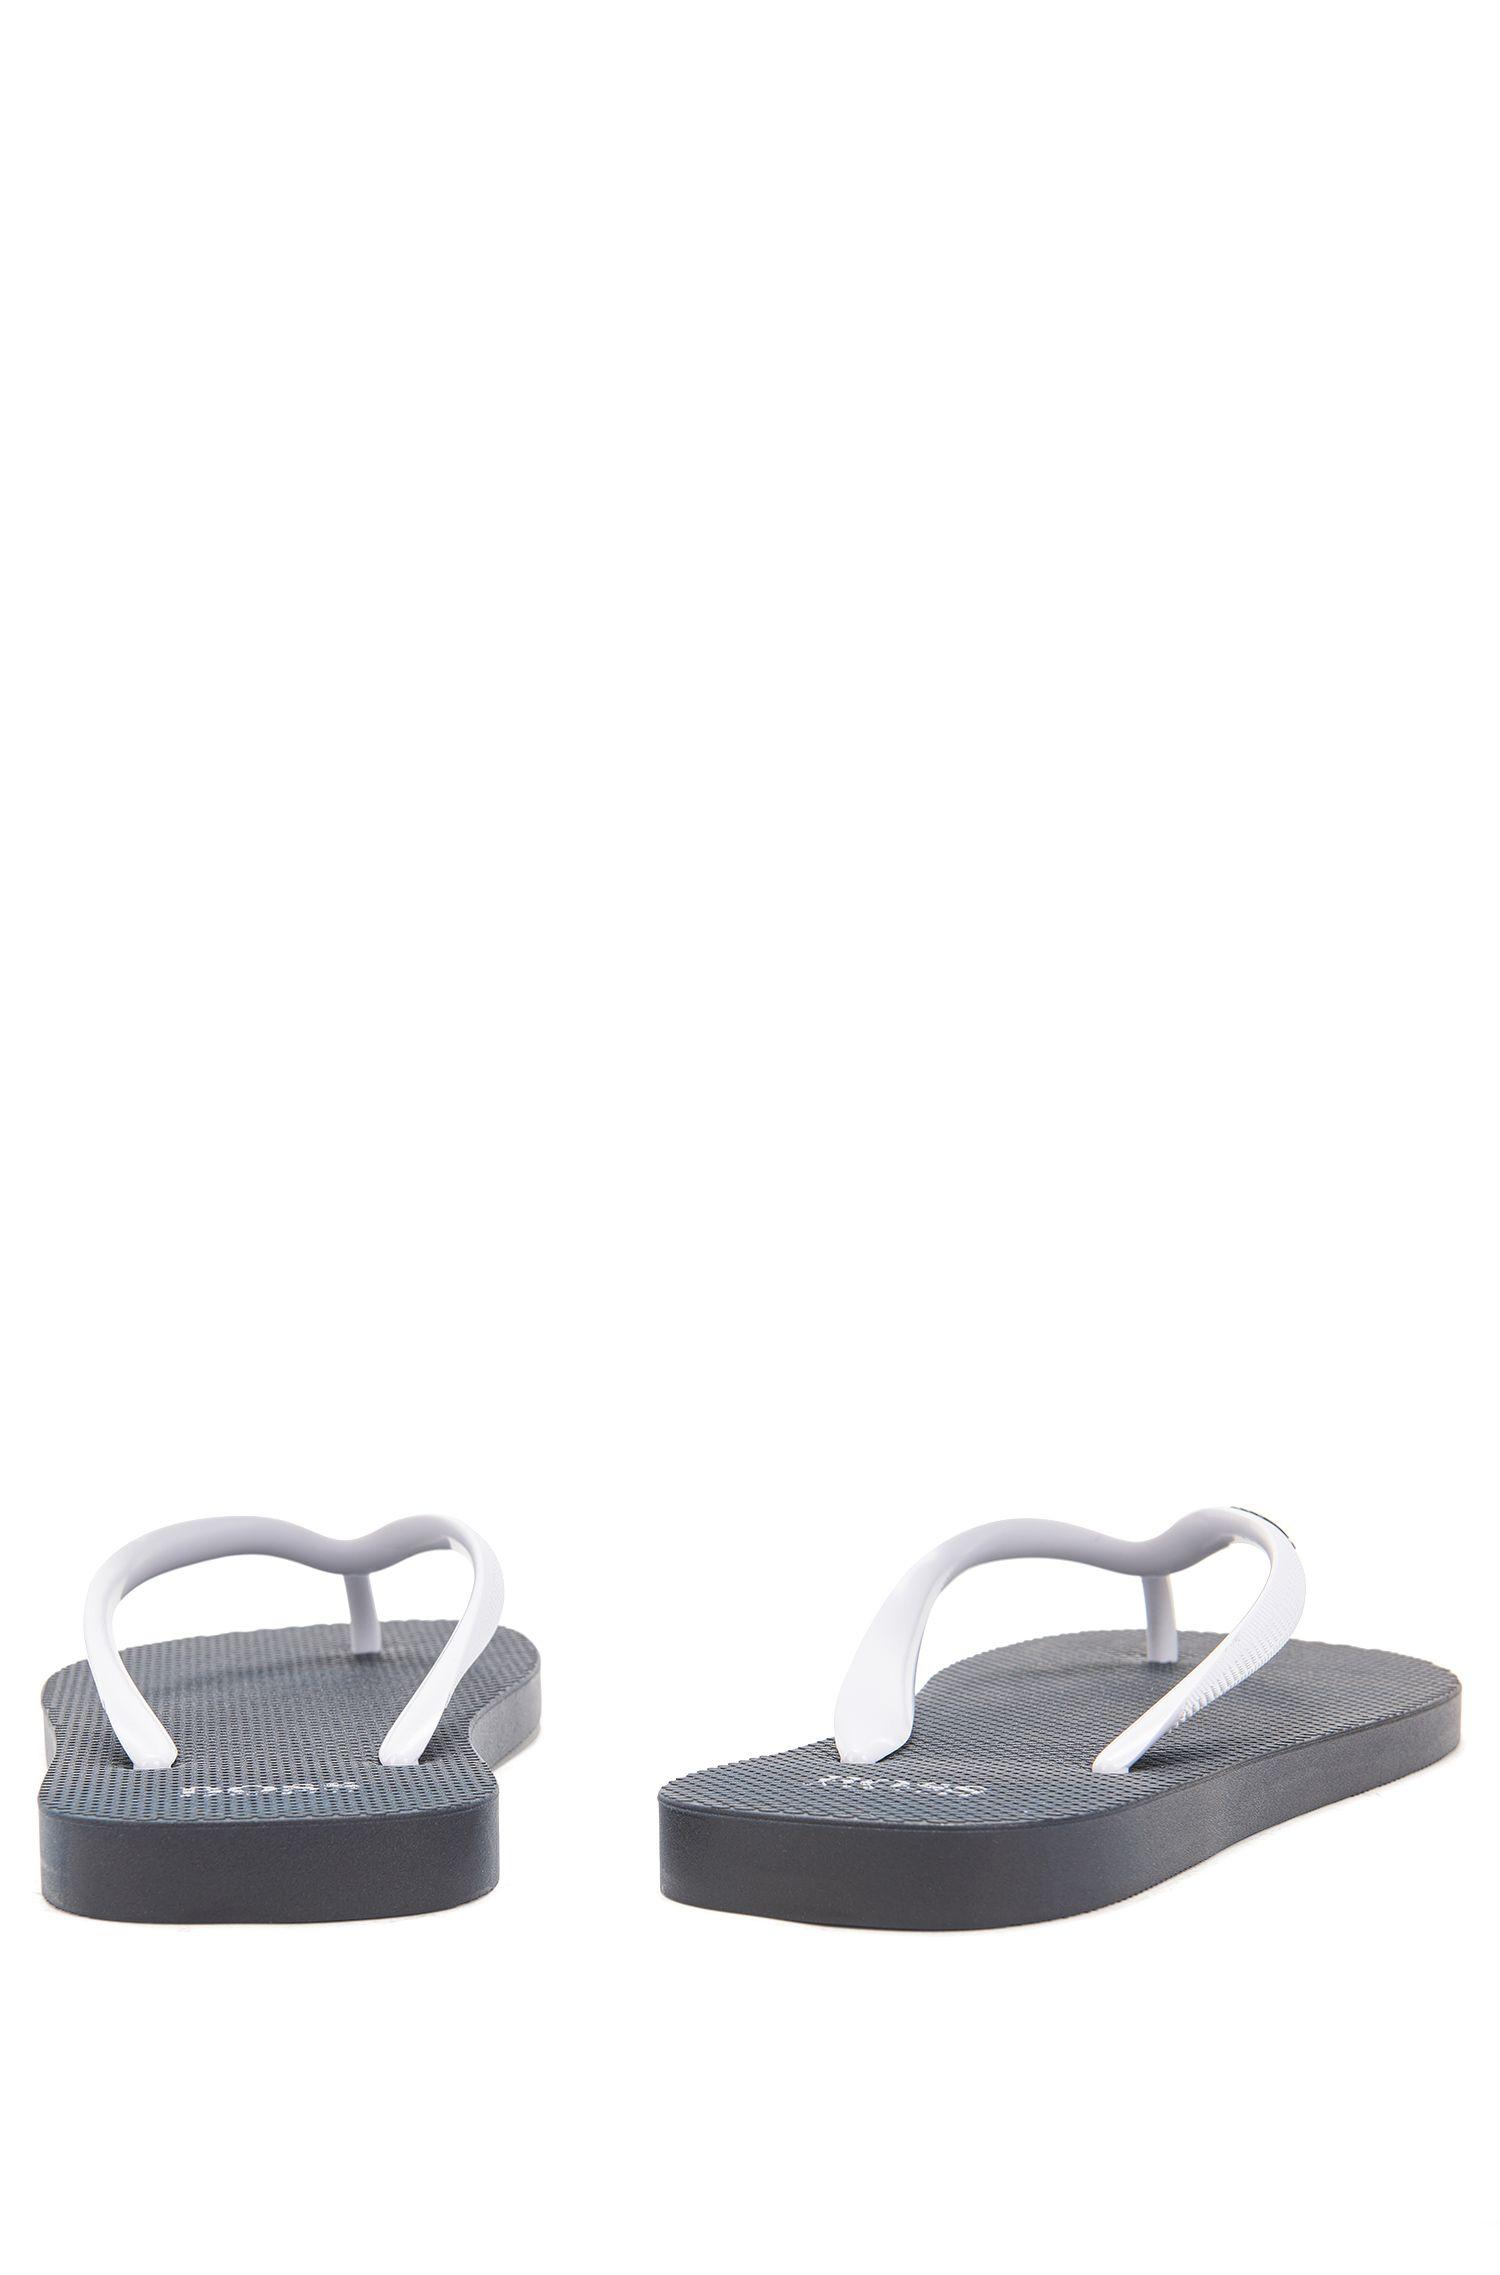 Toe-post flip-flops in textured rubber